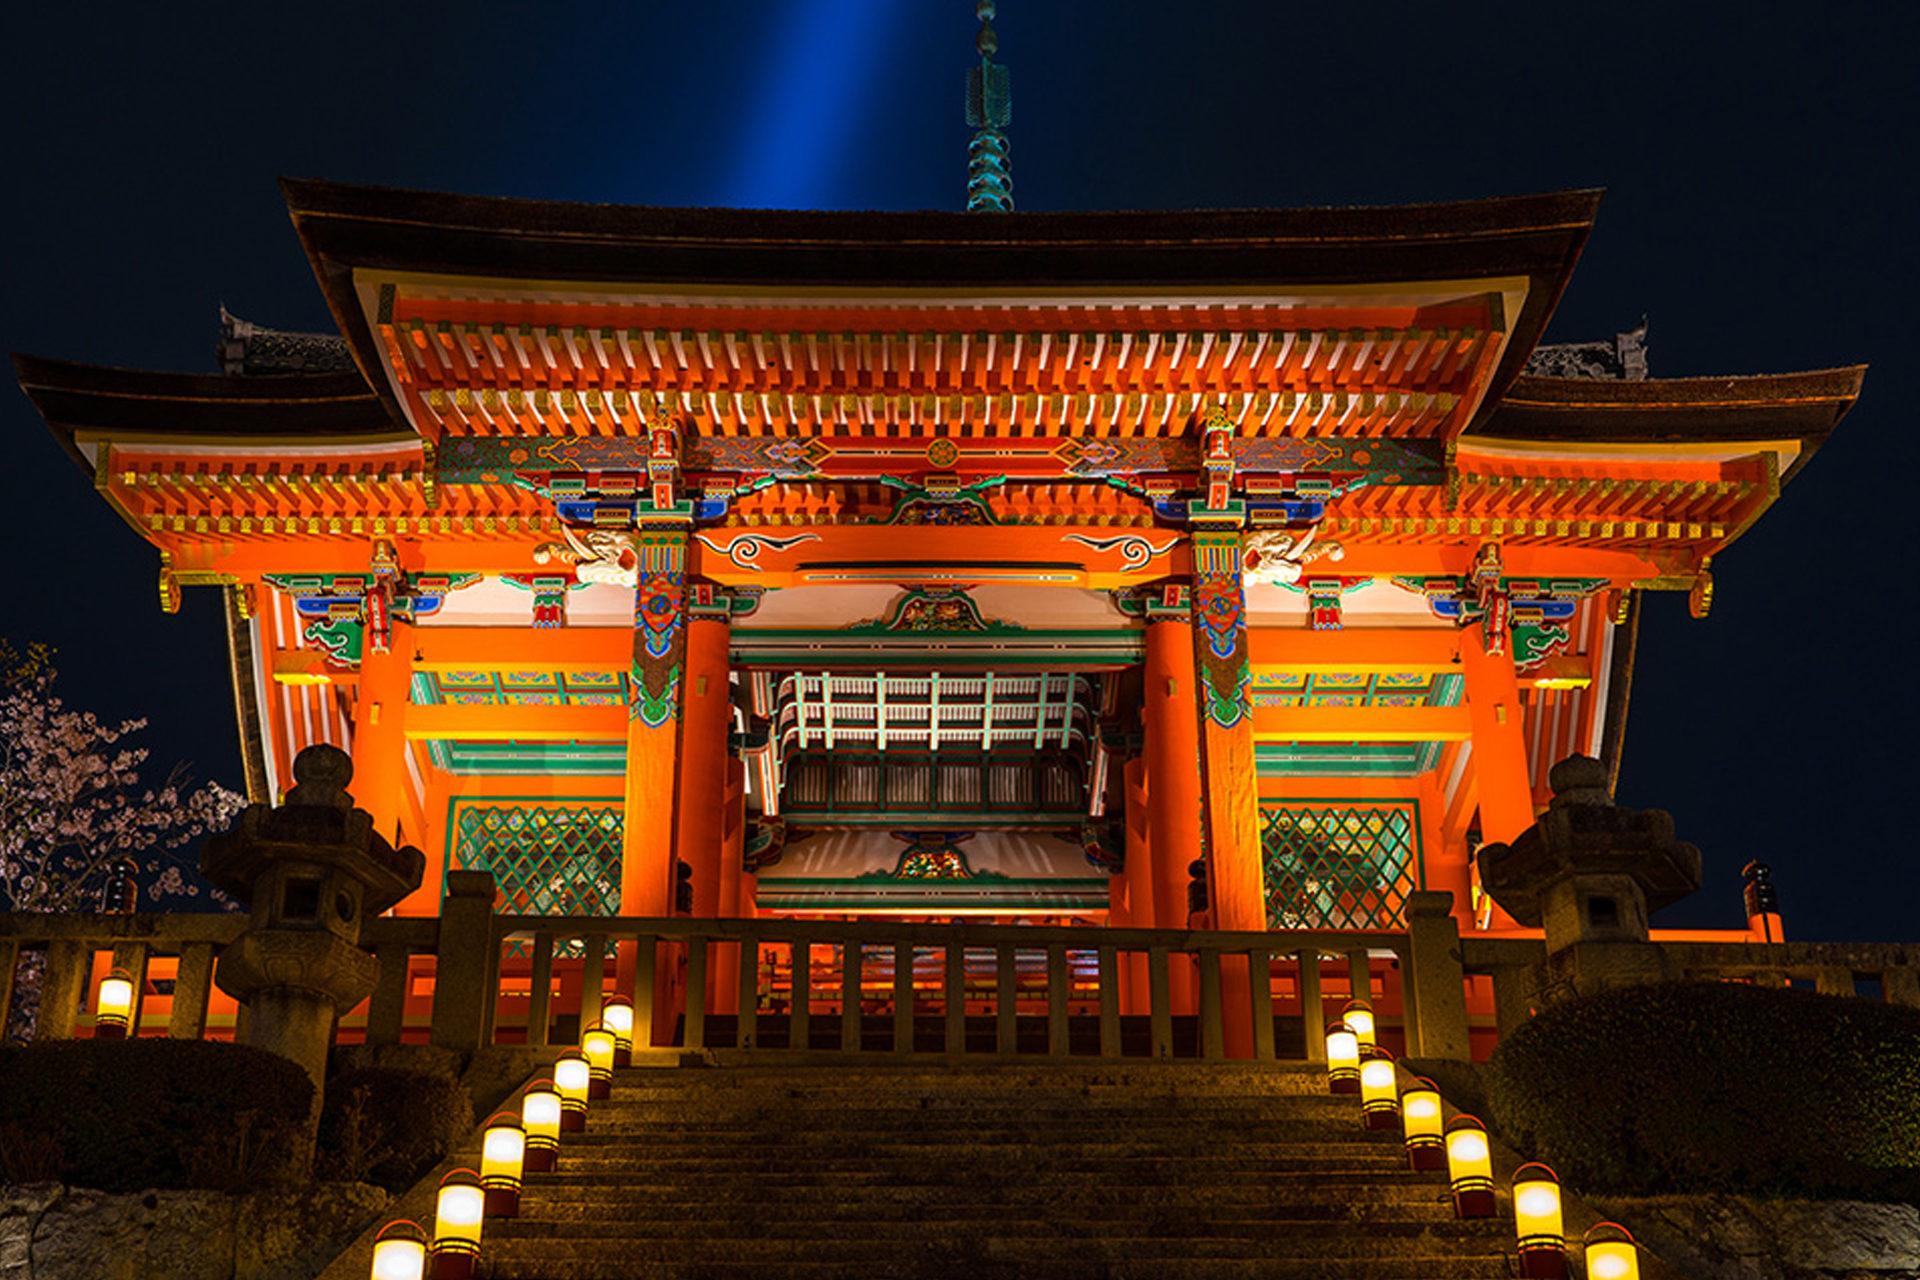 京都 清水寺 紅葉 ライトアップ